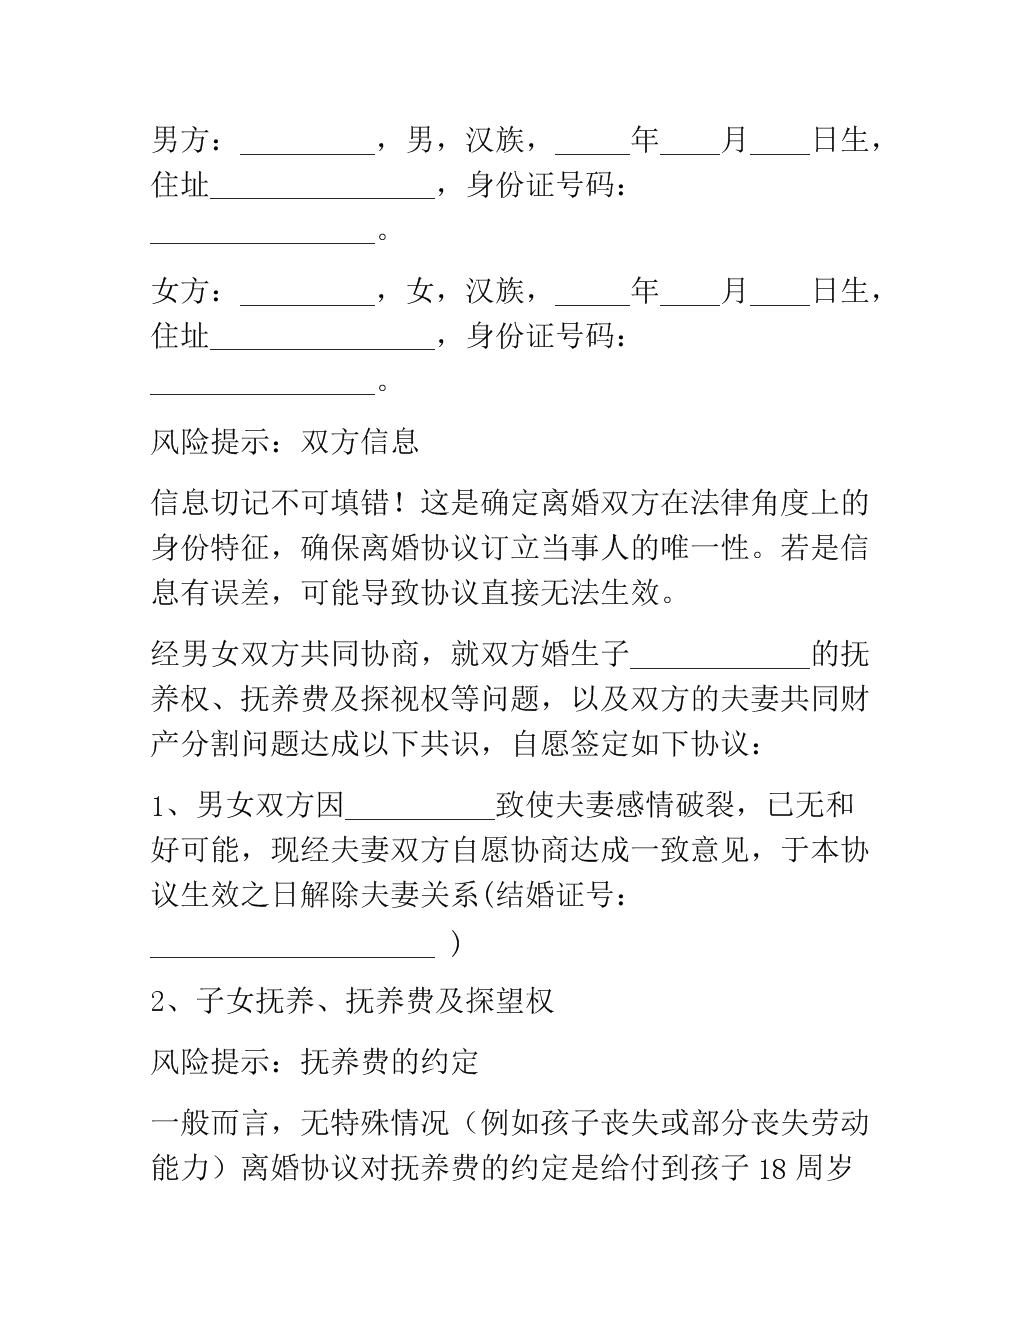 男方出轨离婚协议书范本2018新(4).docx图片